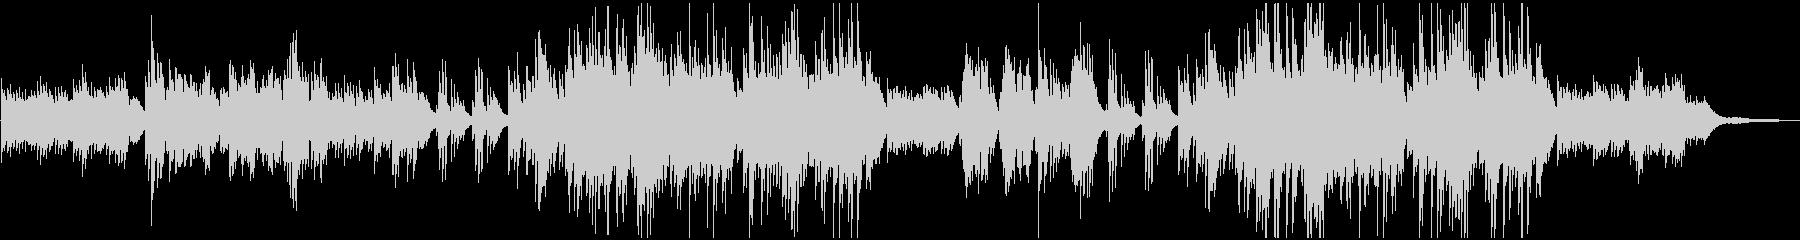 悲哀のある切ないピアノワルツの未再生の波形